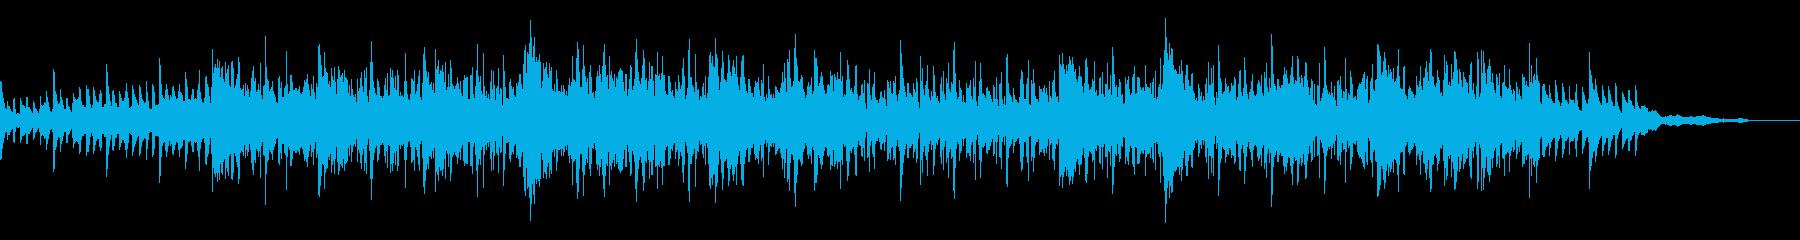 映像・ドキュメンタリーに最適なBGMの再生済みの波形